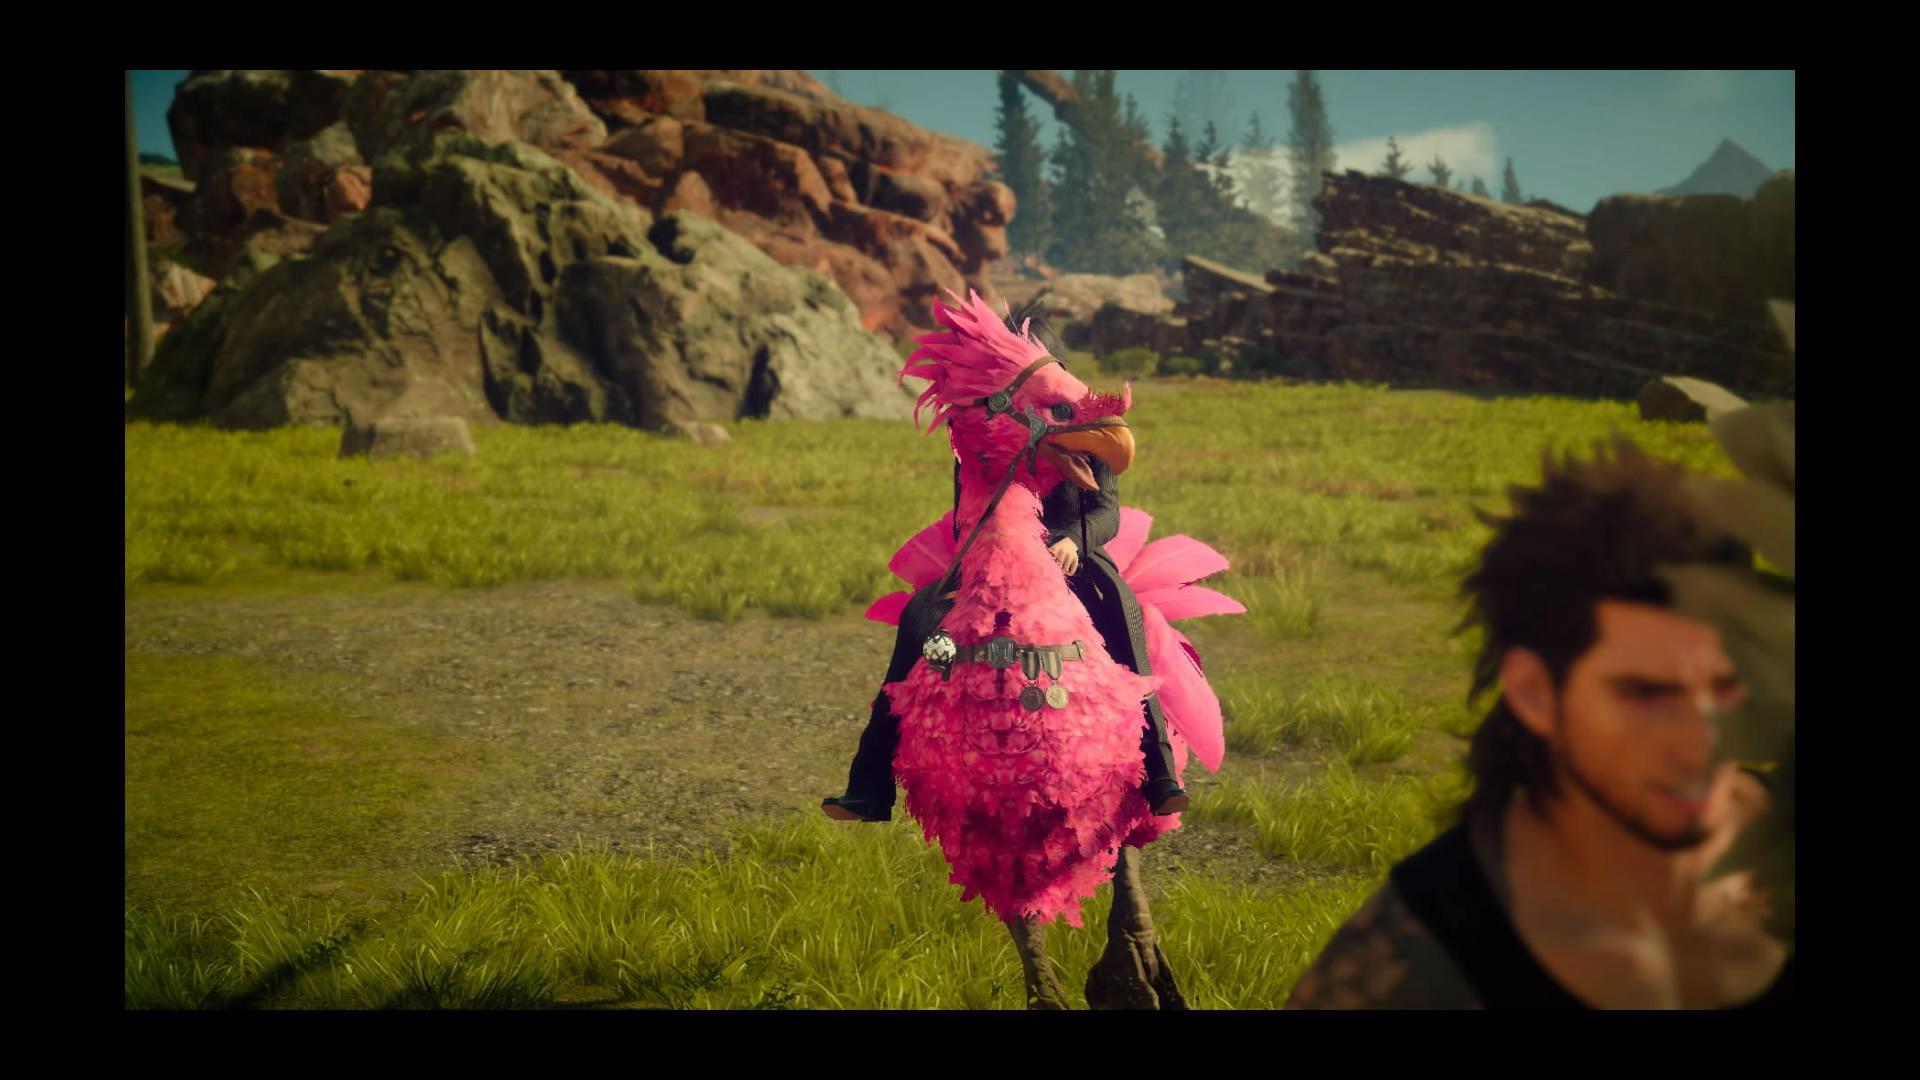 为开发团队、玩家群体津津乐道的陆行鸟